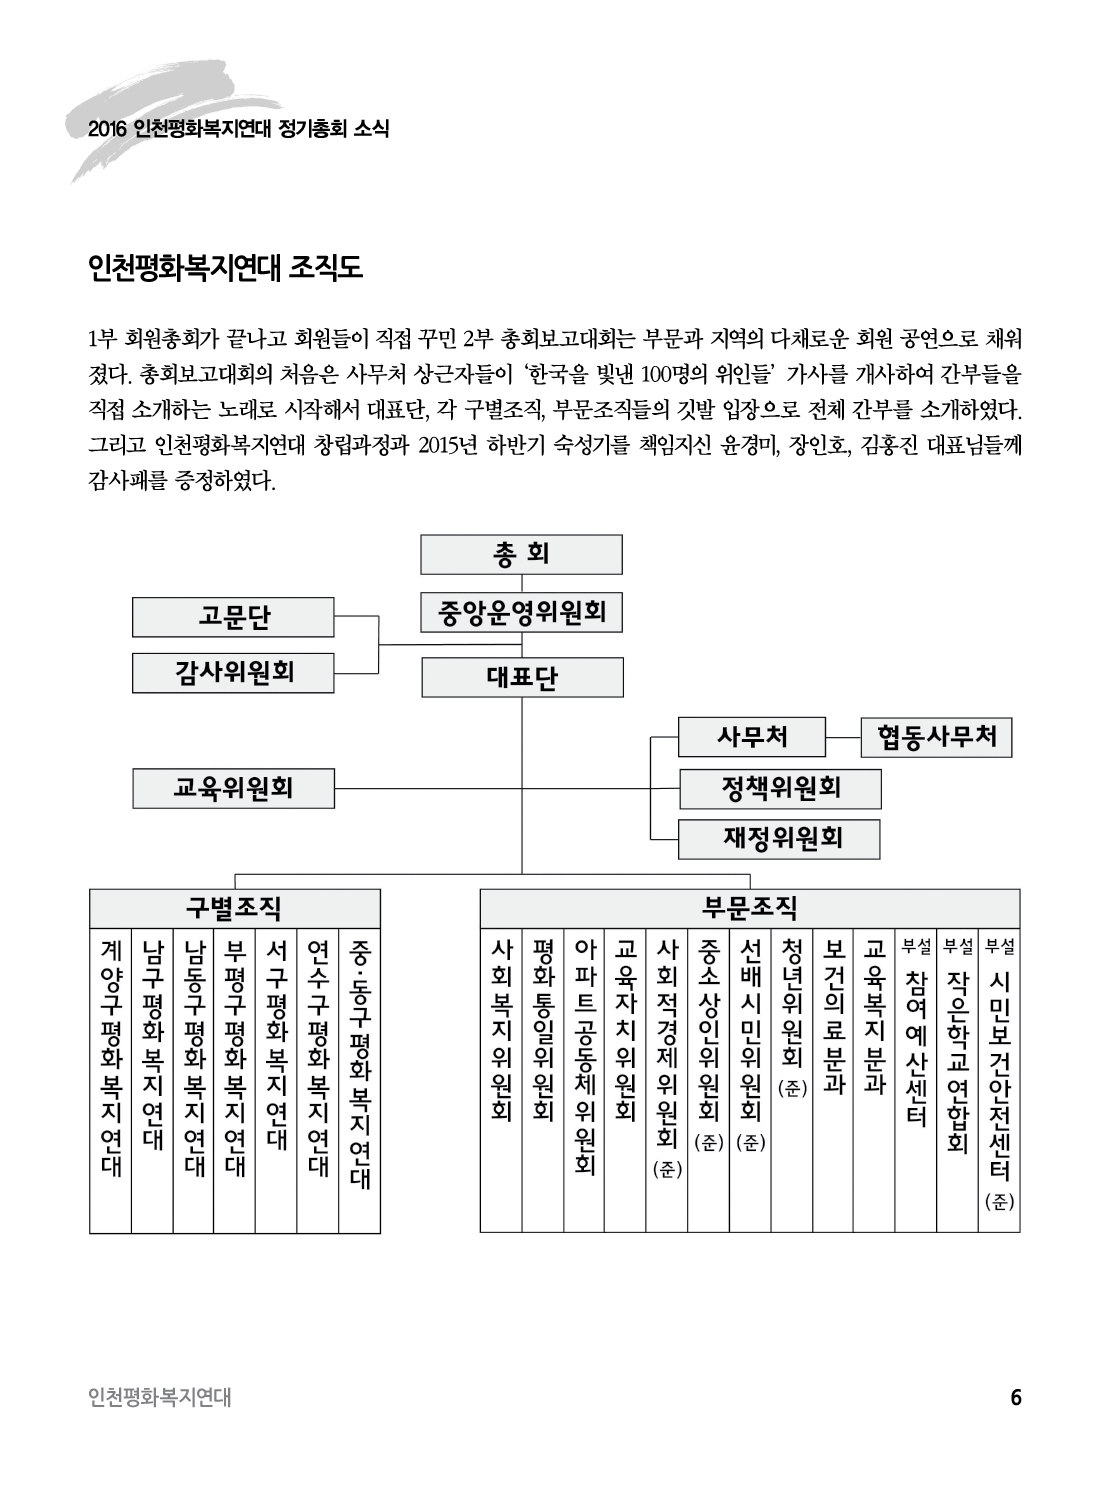 아웃라인 인천평화복지연대 소식지창간준비3호6.jpg